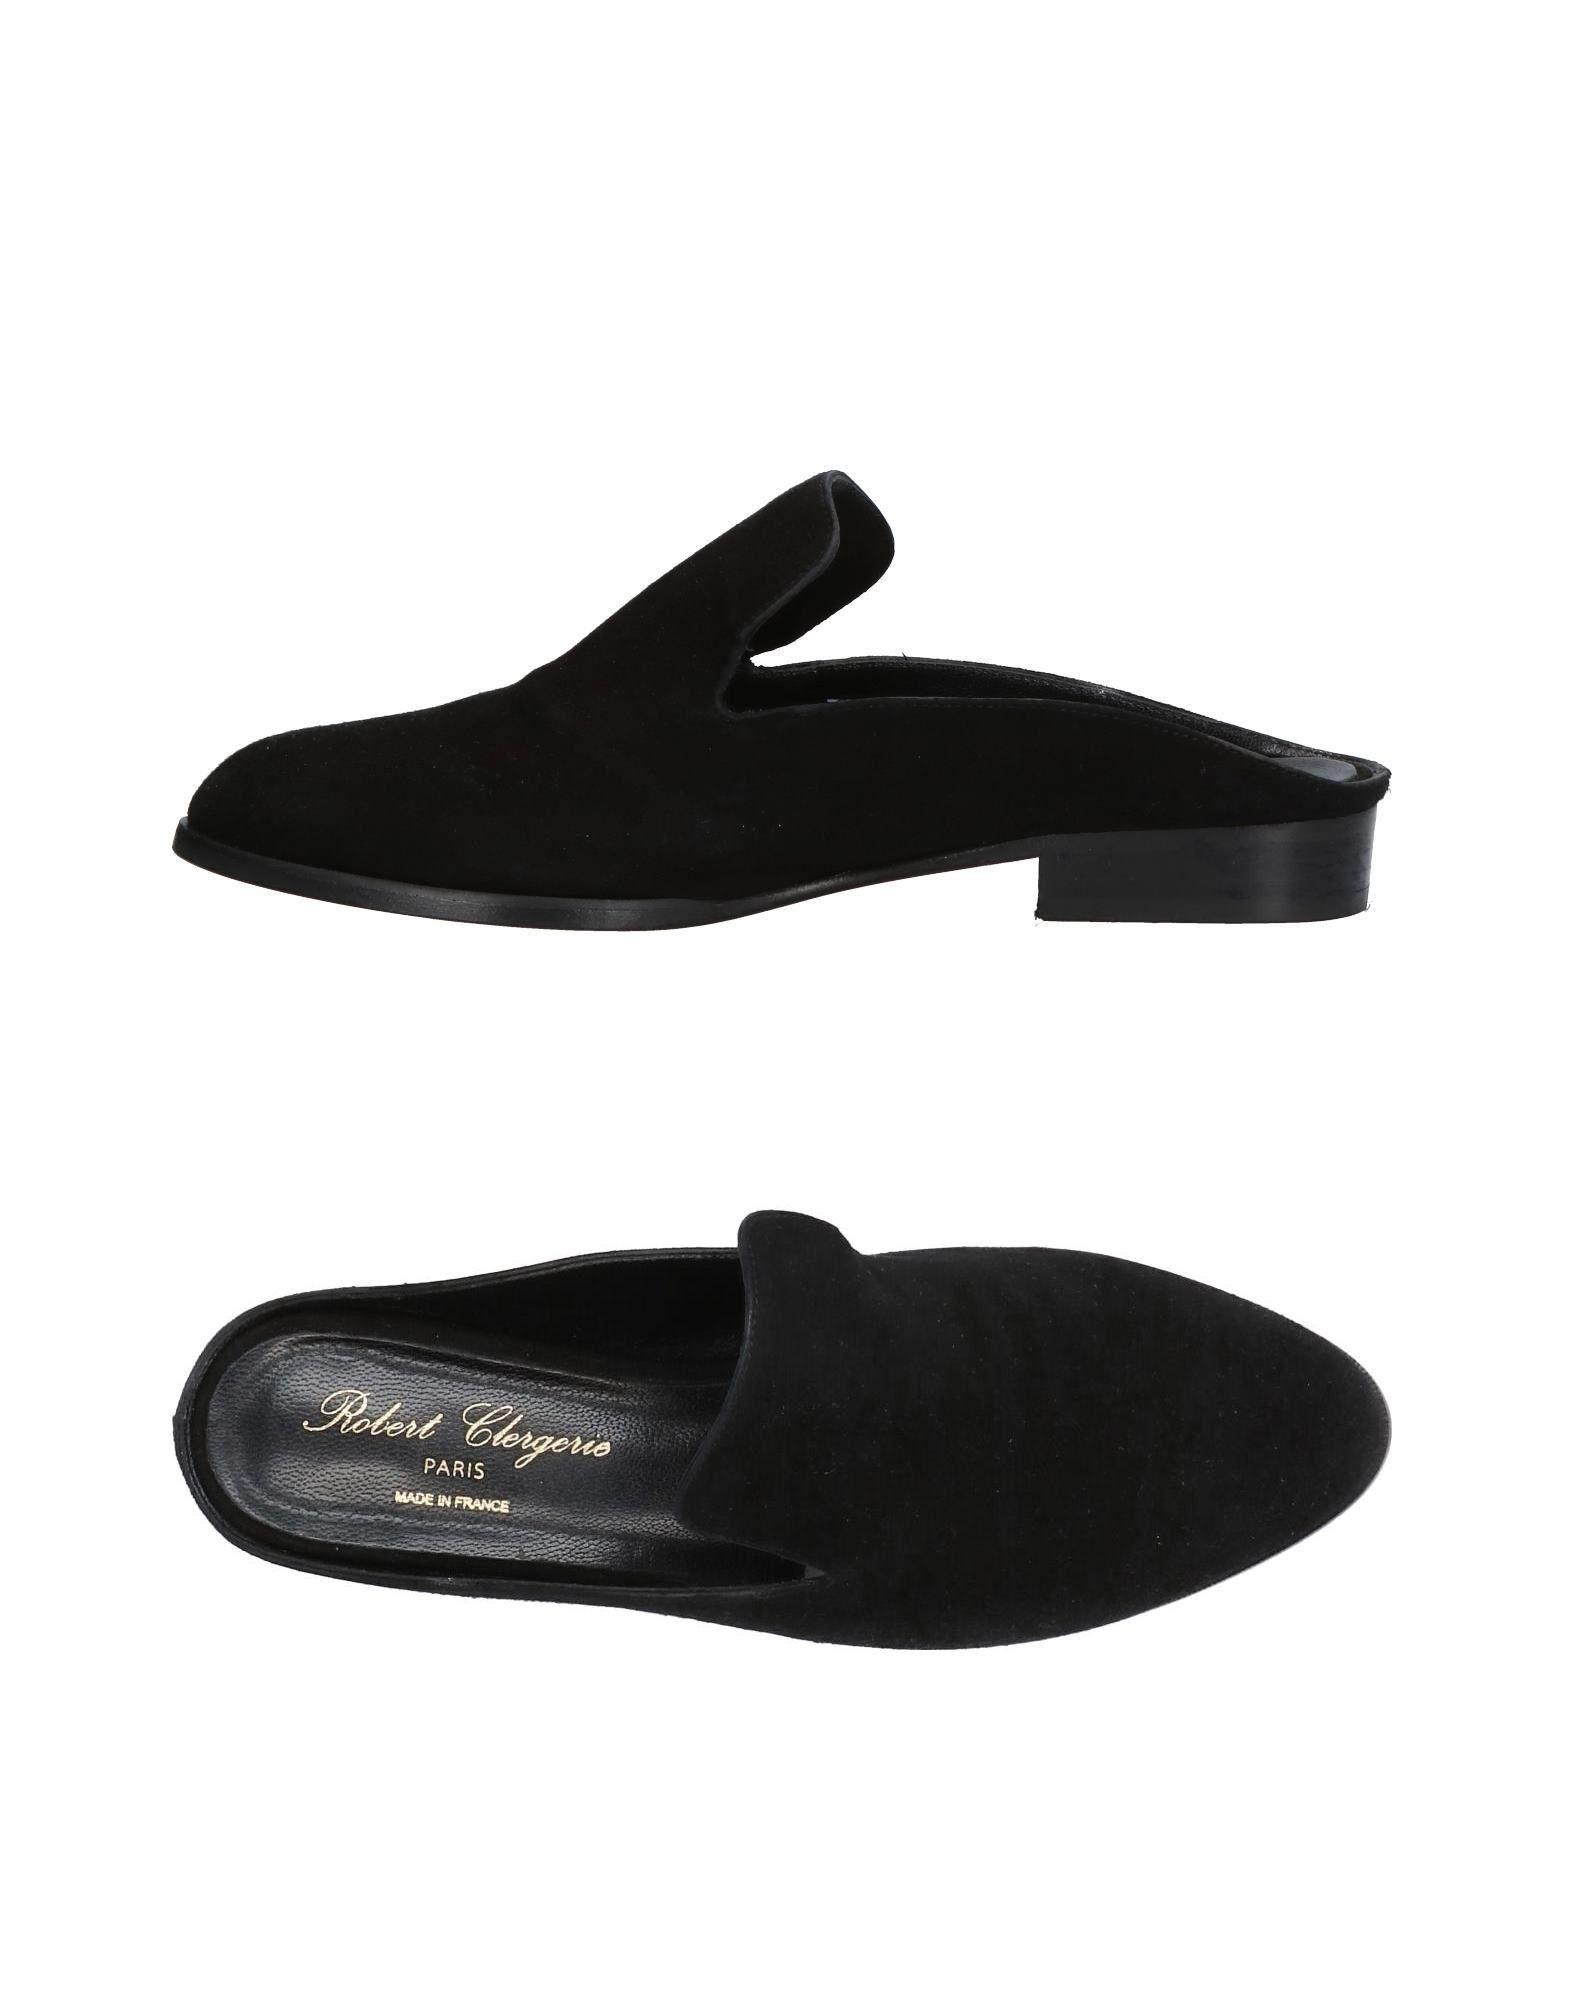 Stilvolle billige Schuhe Robert Clergerie Pantoletten Damen  11330182WM 11330182WM 11330182WM f2ff2c